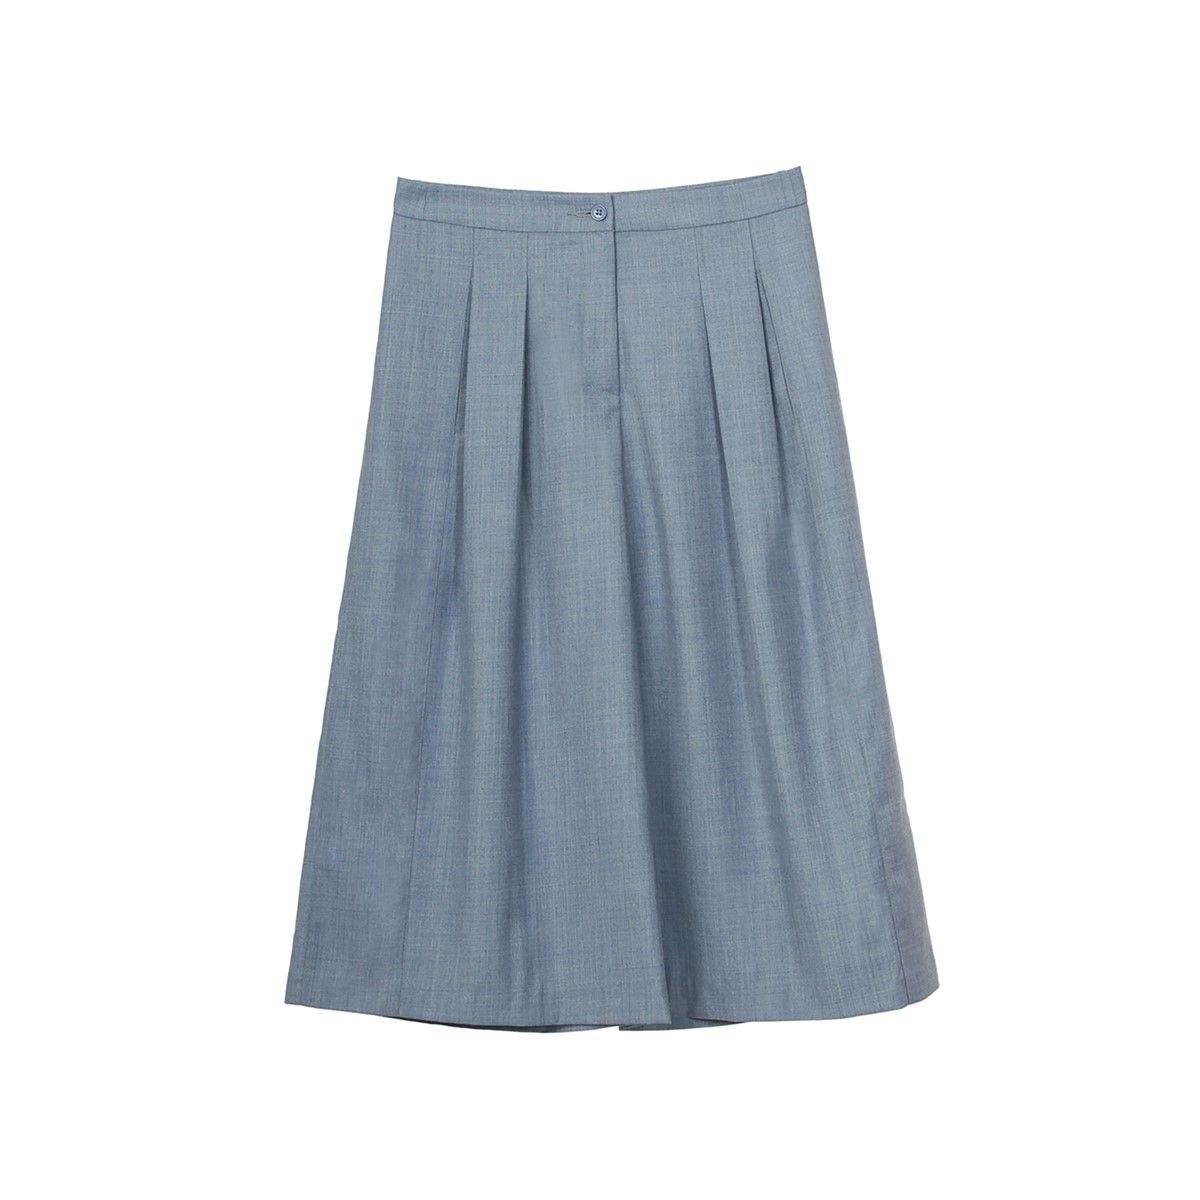 Jupe culotte en laine mi mollet street style chic pantacourt hiver